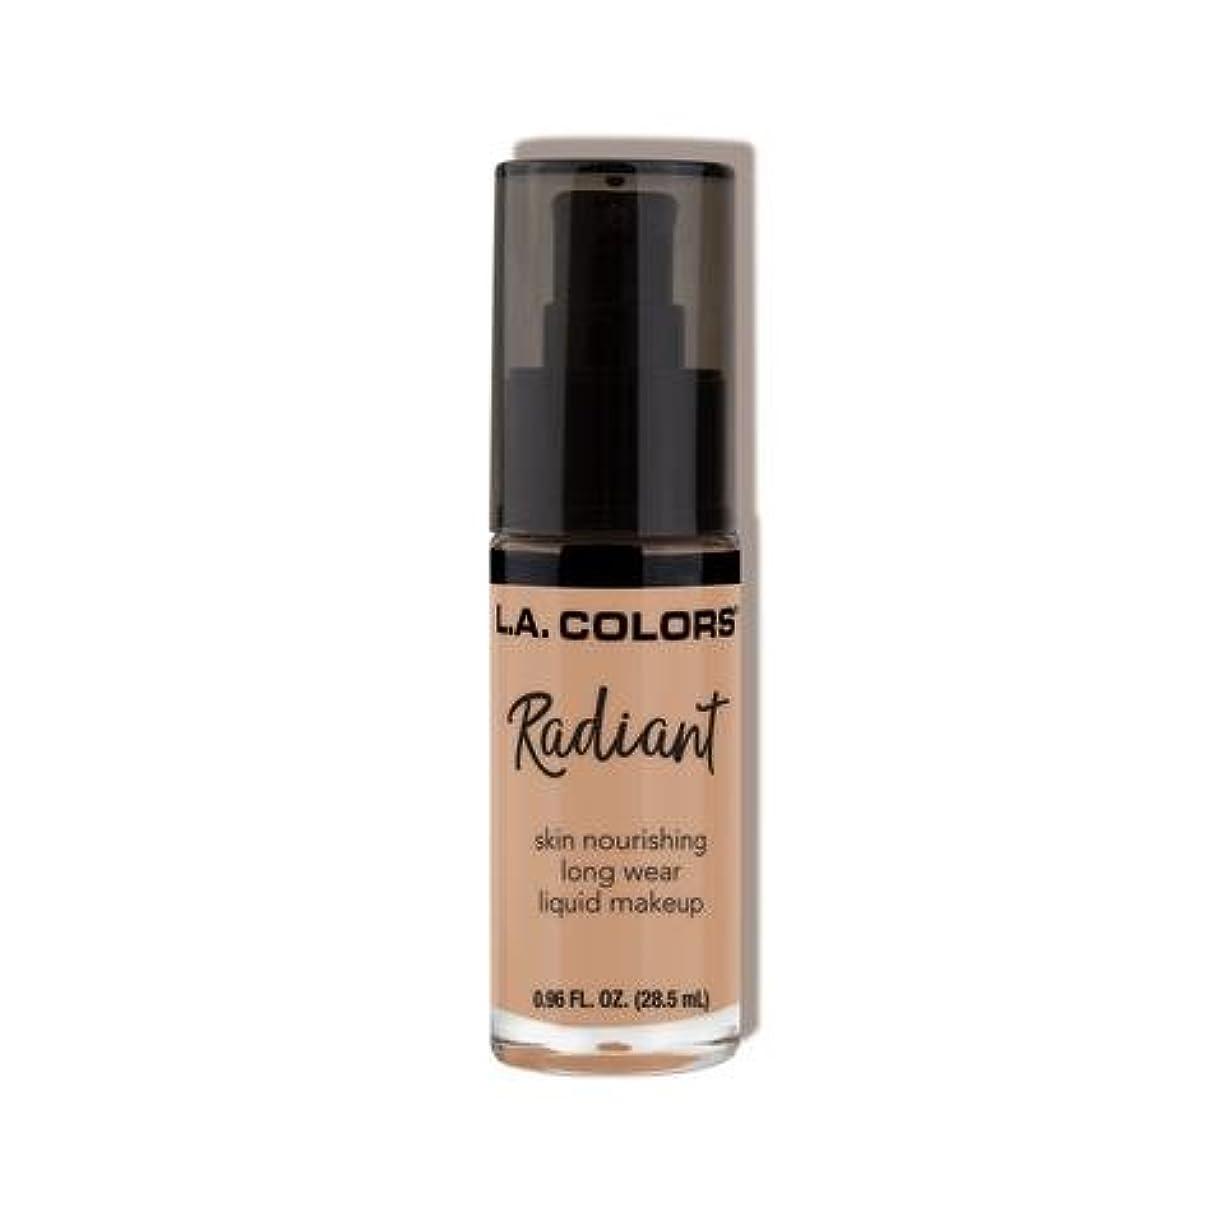 十分です大脳人道的(3 Pack) L.A. COLORS Radiant Liquid Makeup - Medium Tan (並行輸入品)